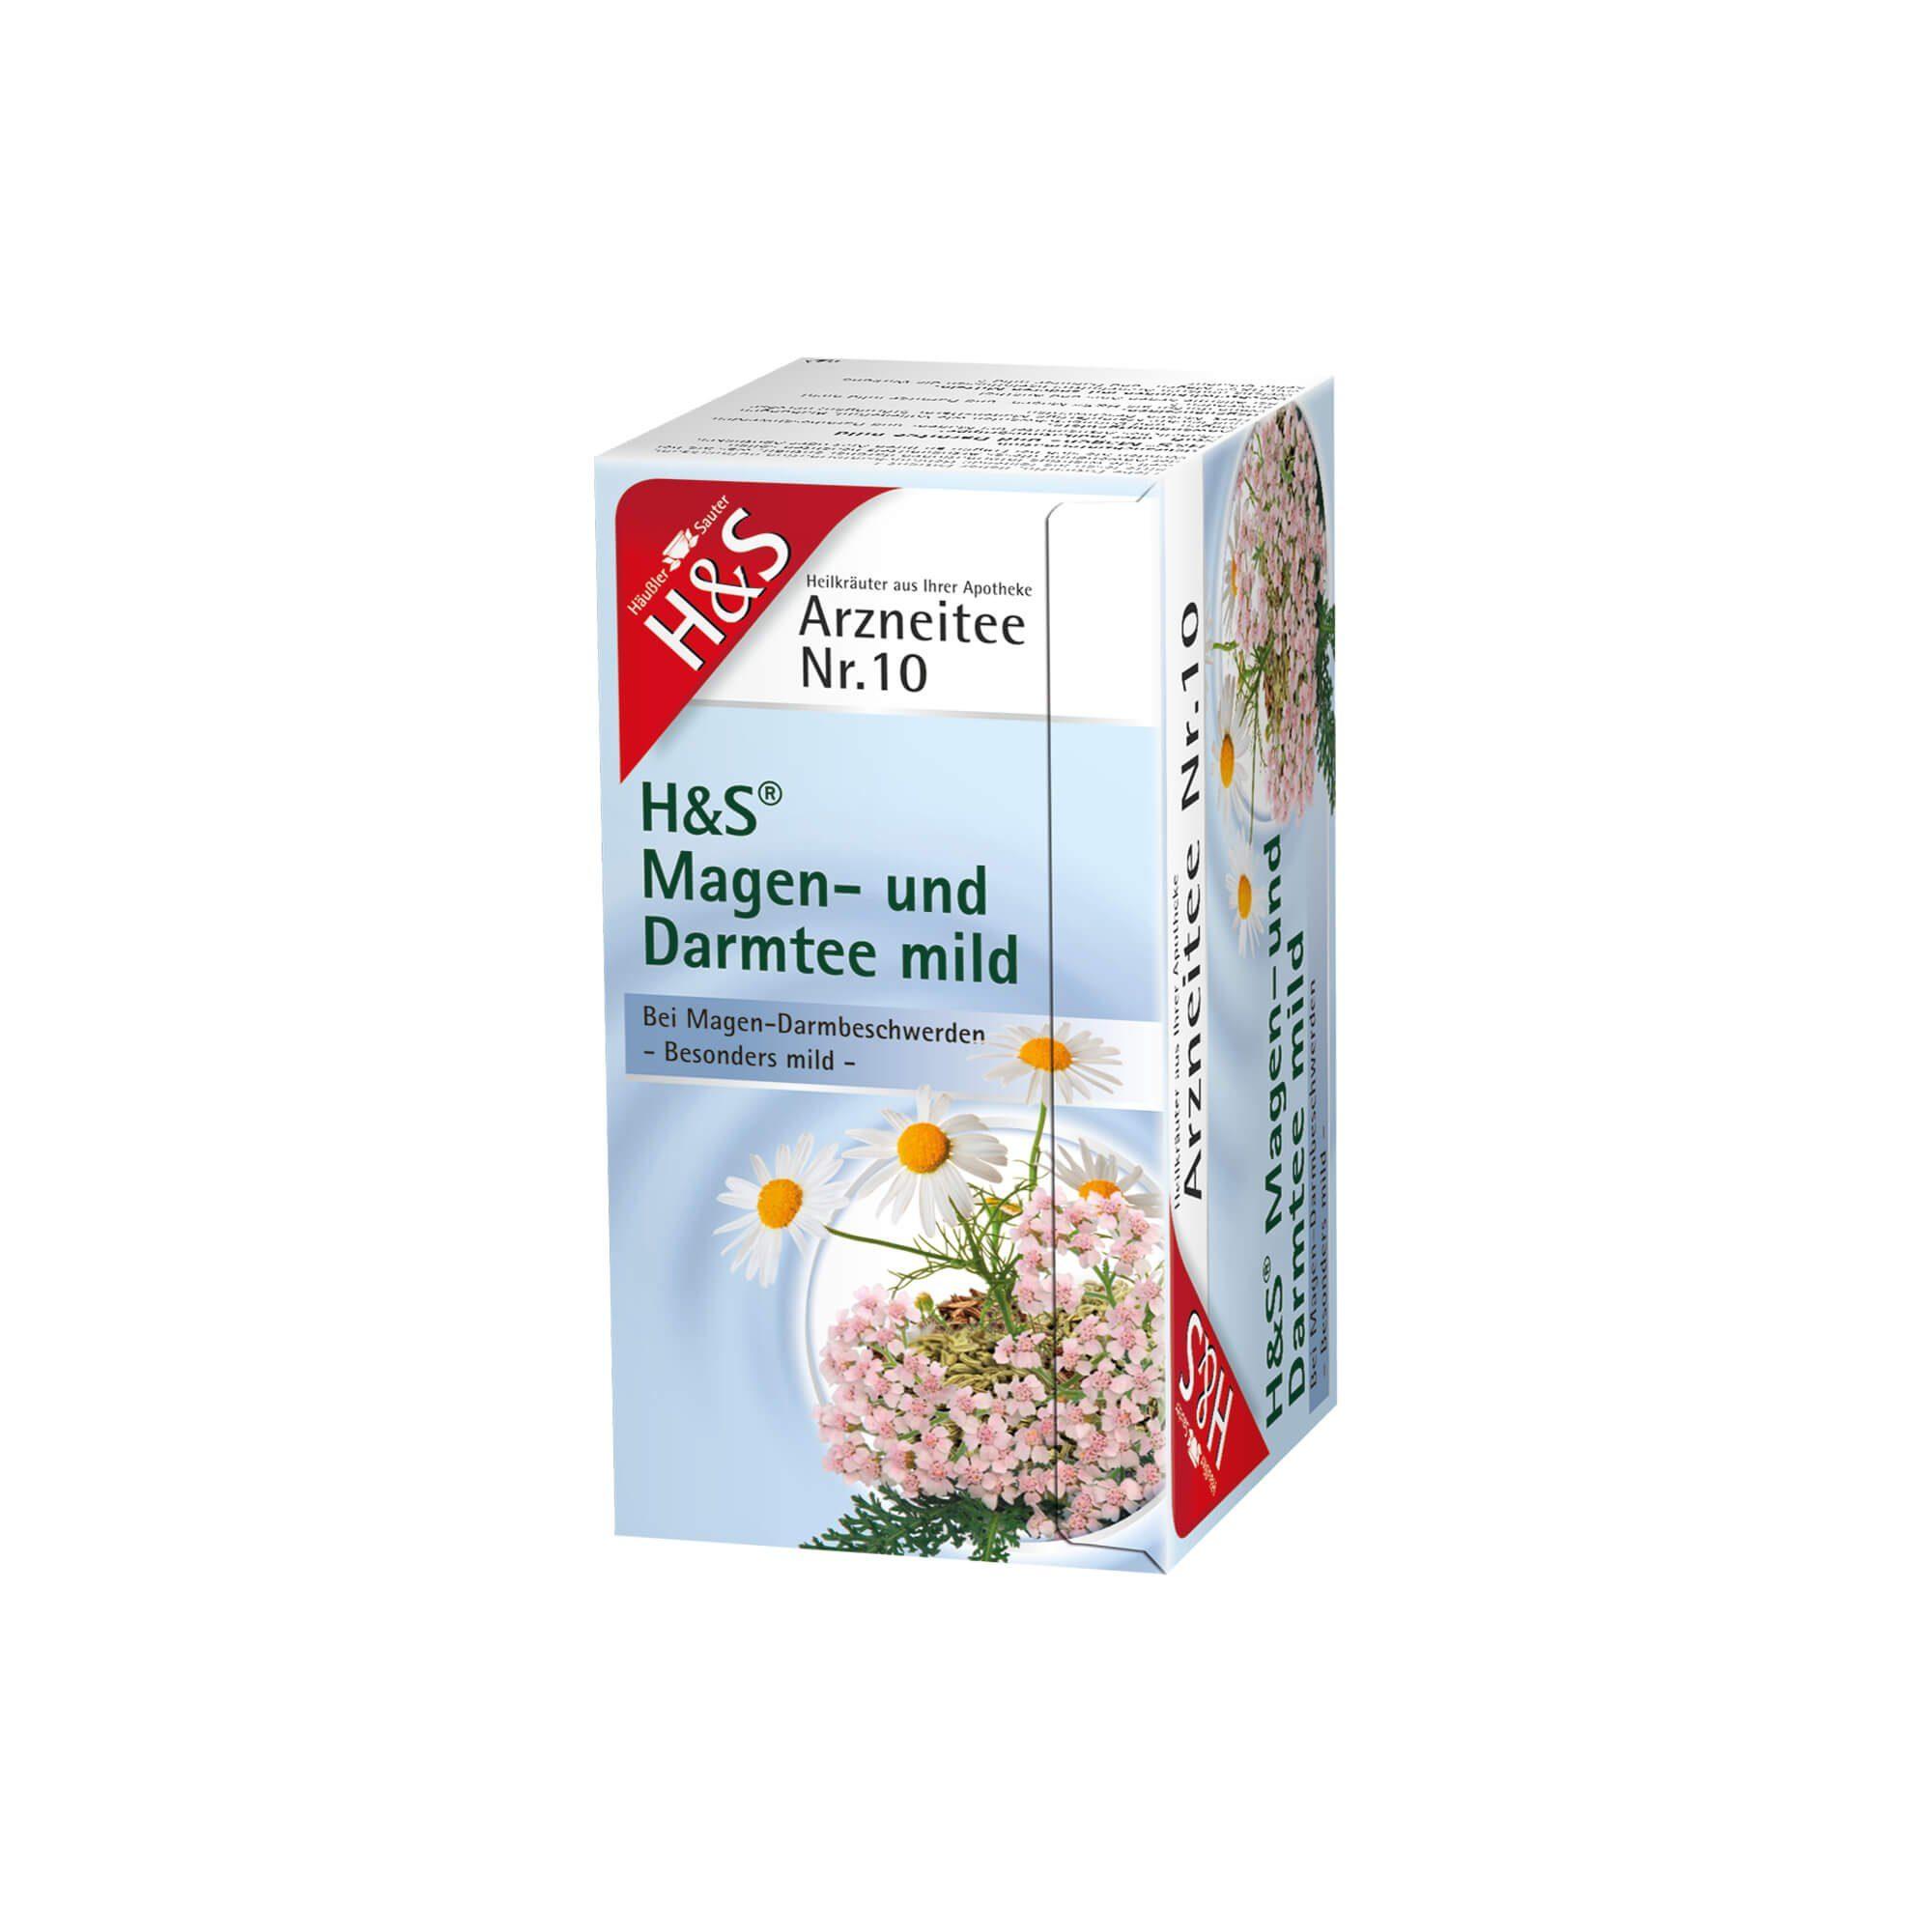 H&S Magen- und Darmtee mild, 20 St